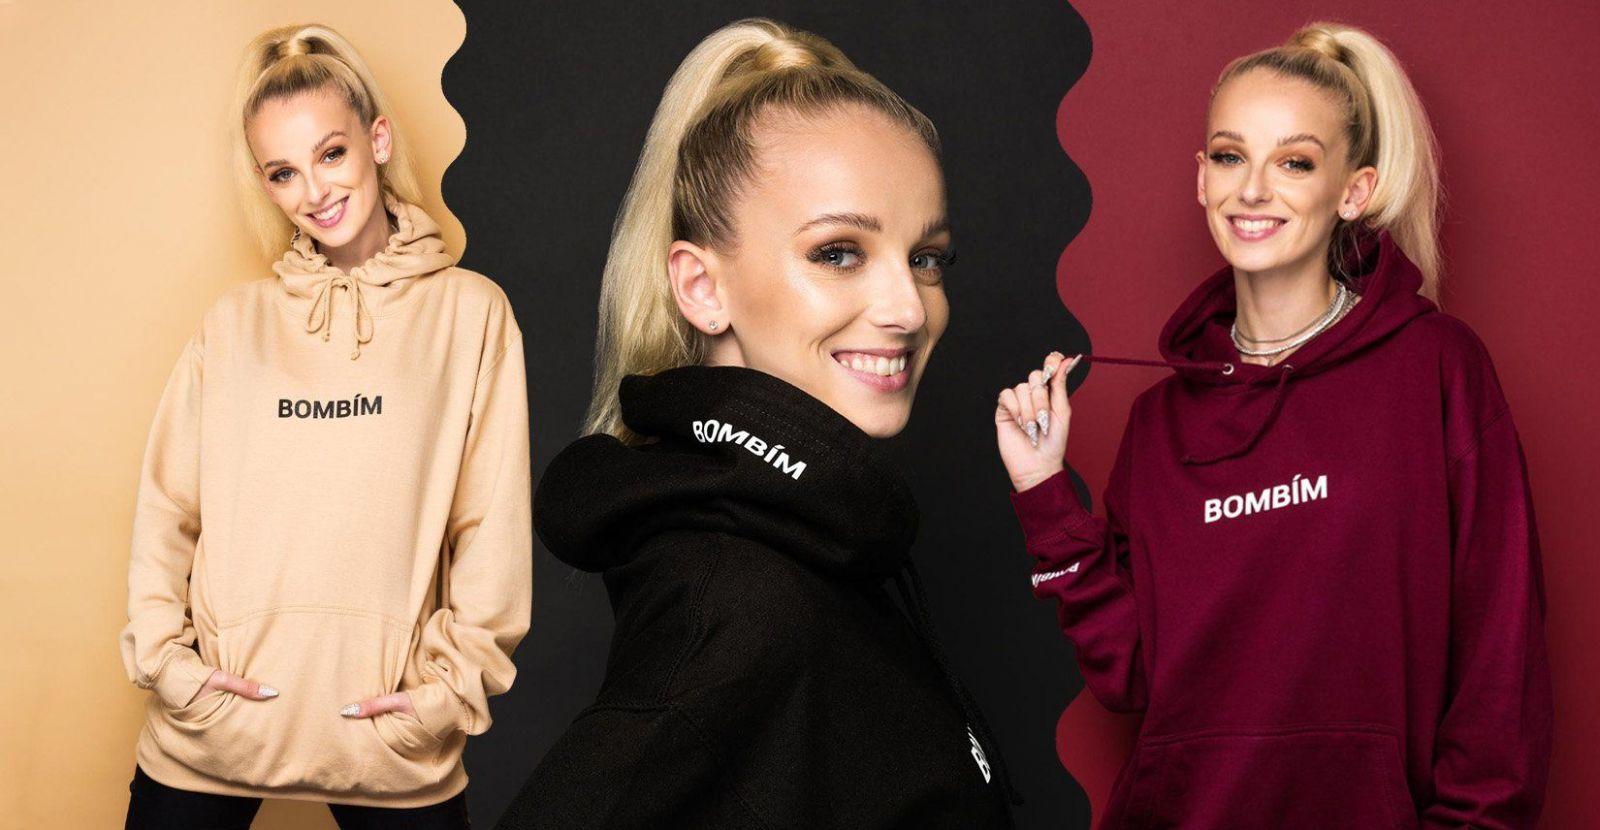 Módne trendy, ktoré by mali zomrieť v roku 2019: Lacný merch raperov, Twinzz alebo adidas NMD